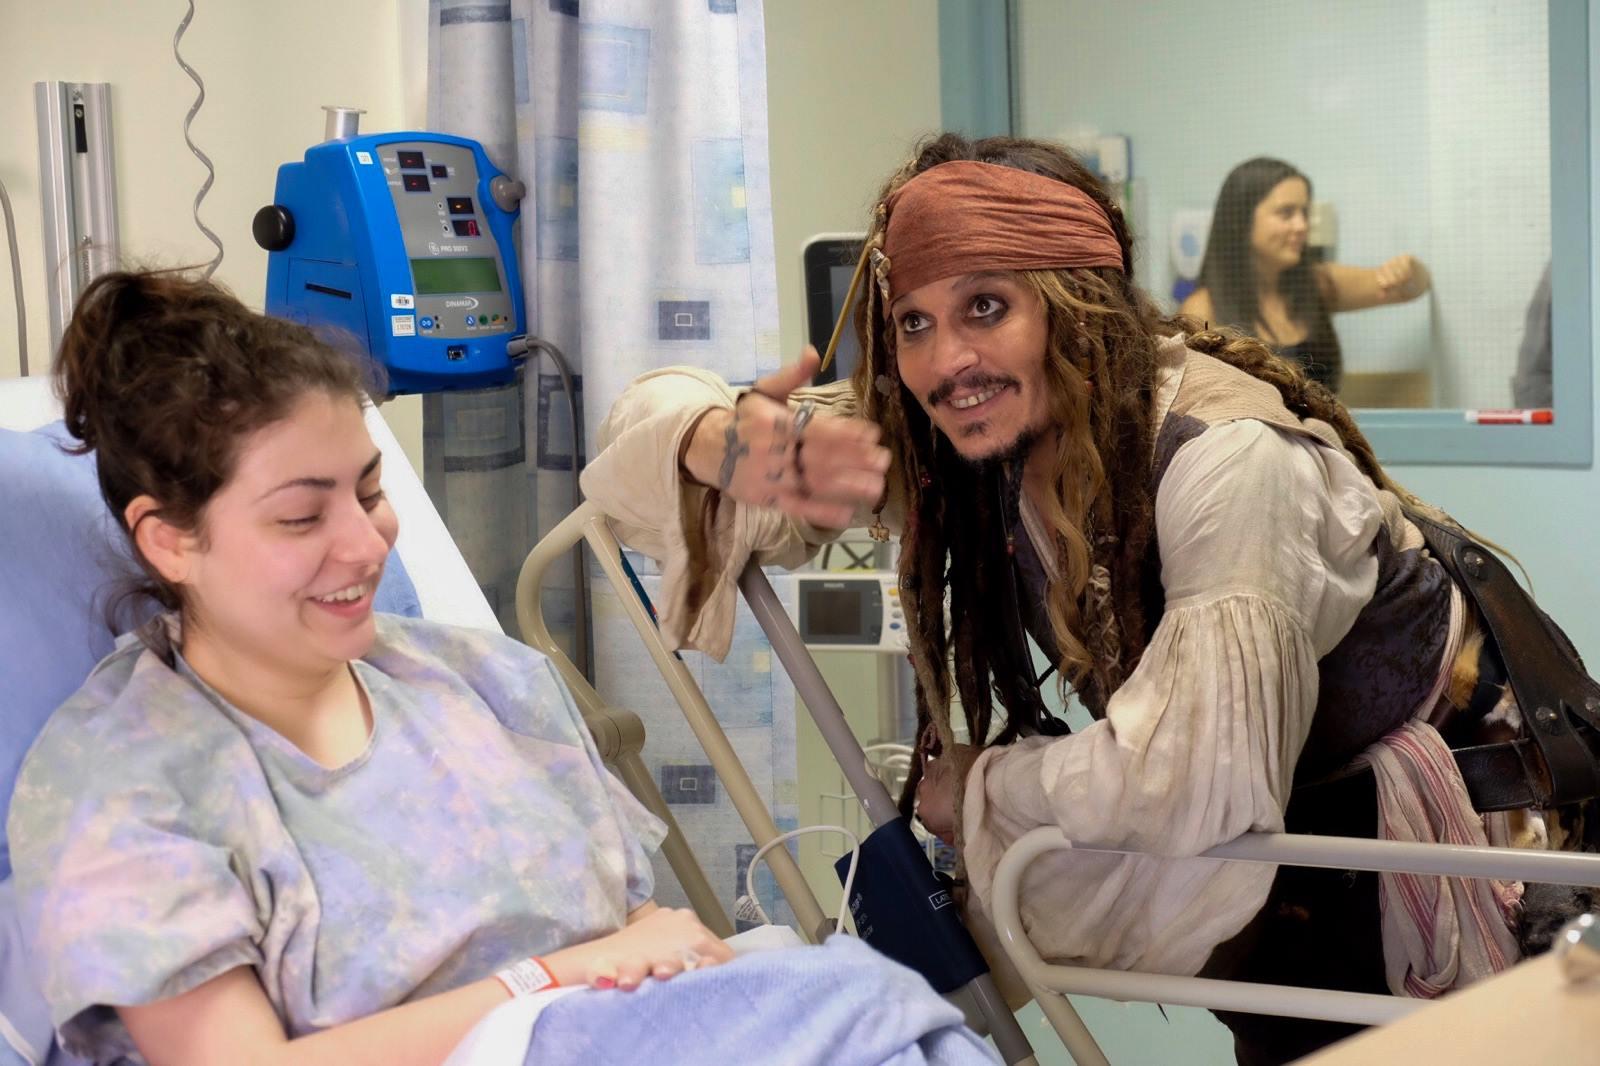 Johnny Depp As Capt. Jack Sparrow Delights Kids At BC Children's Hospital